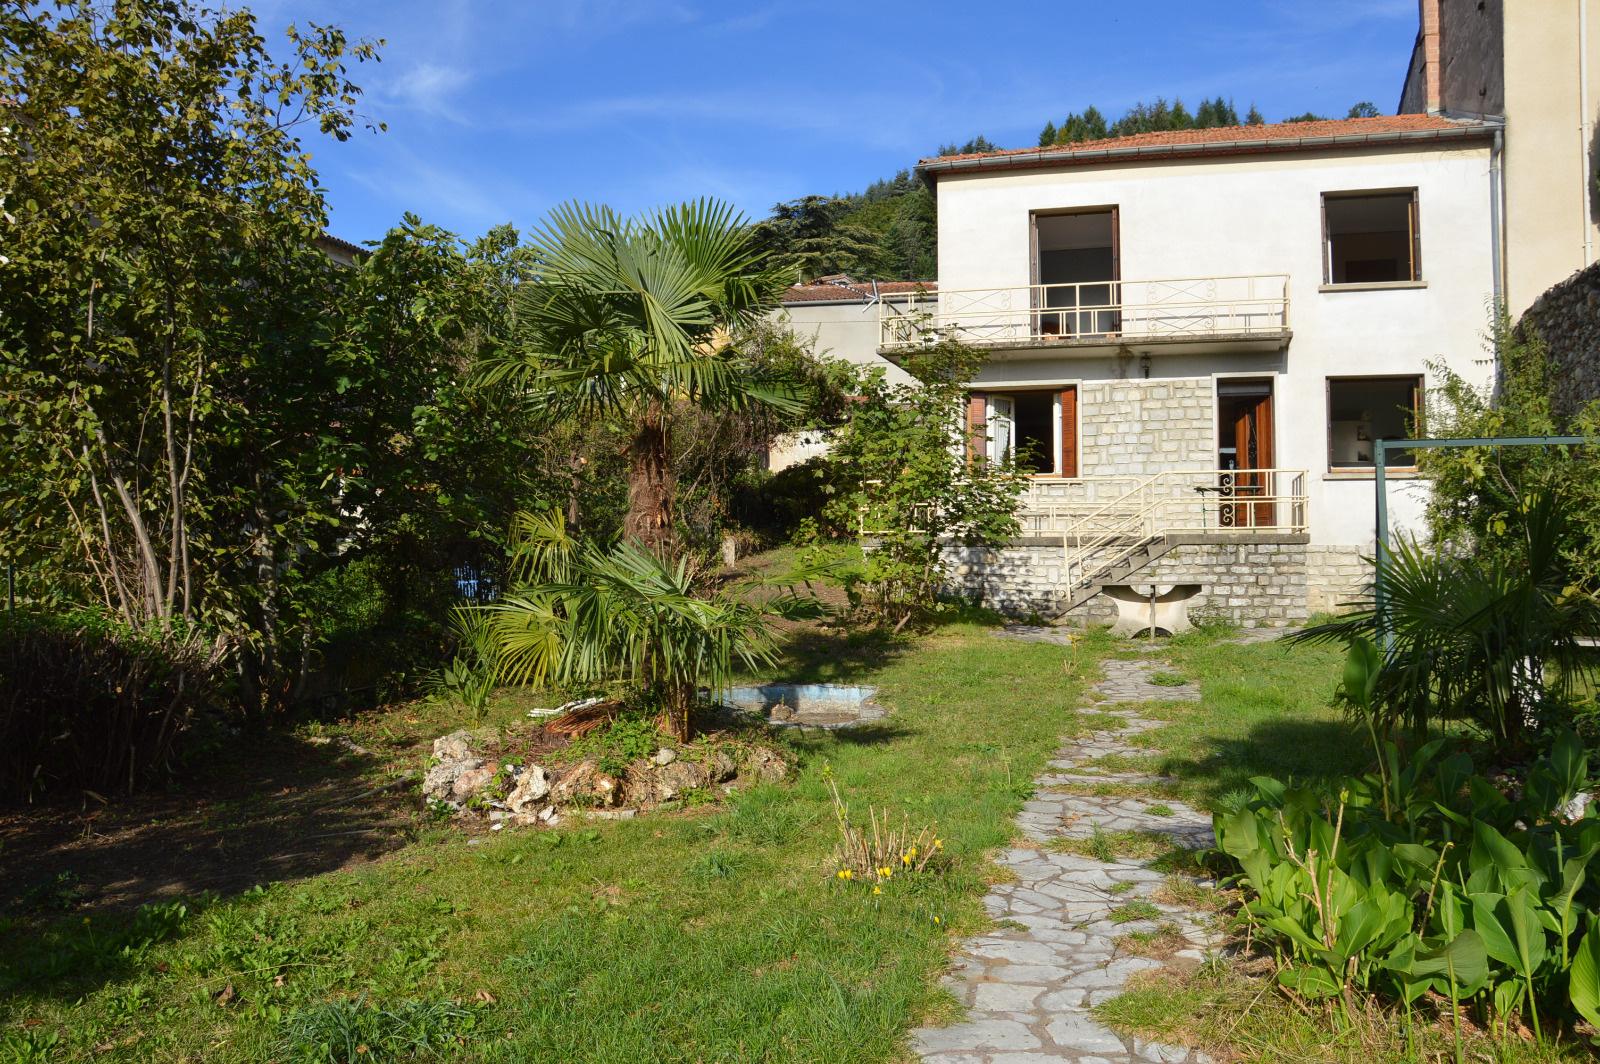 Vente maison le vigan 30120 sur le partenaire for A vente maison